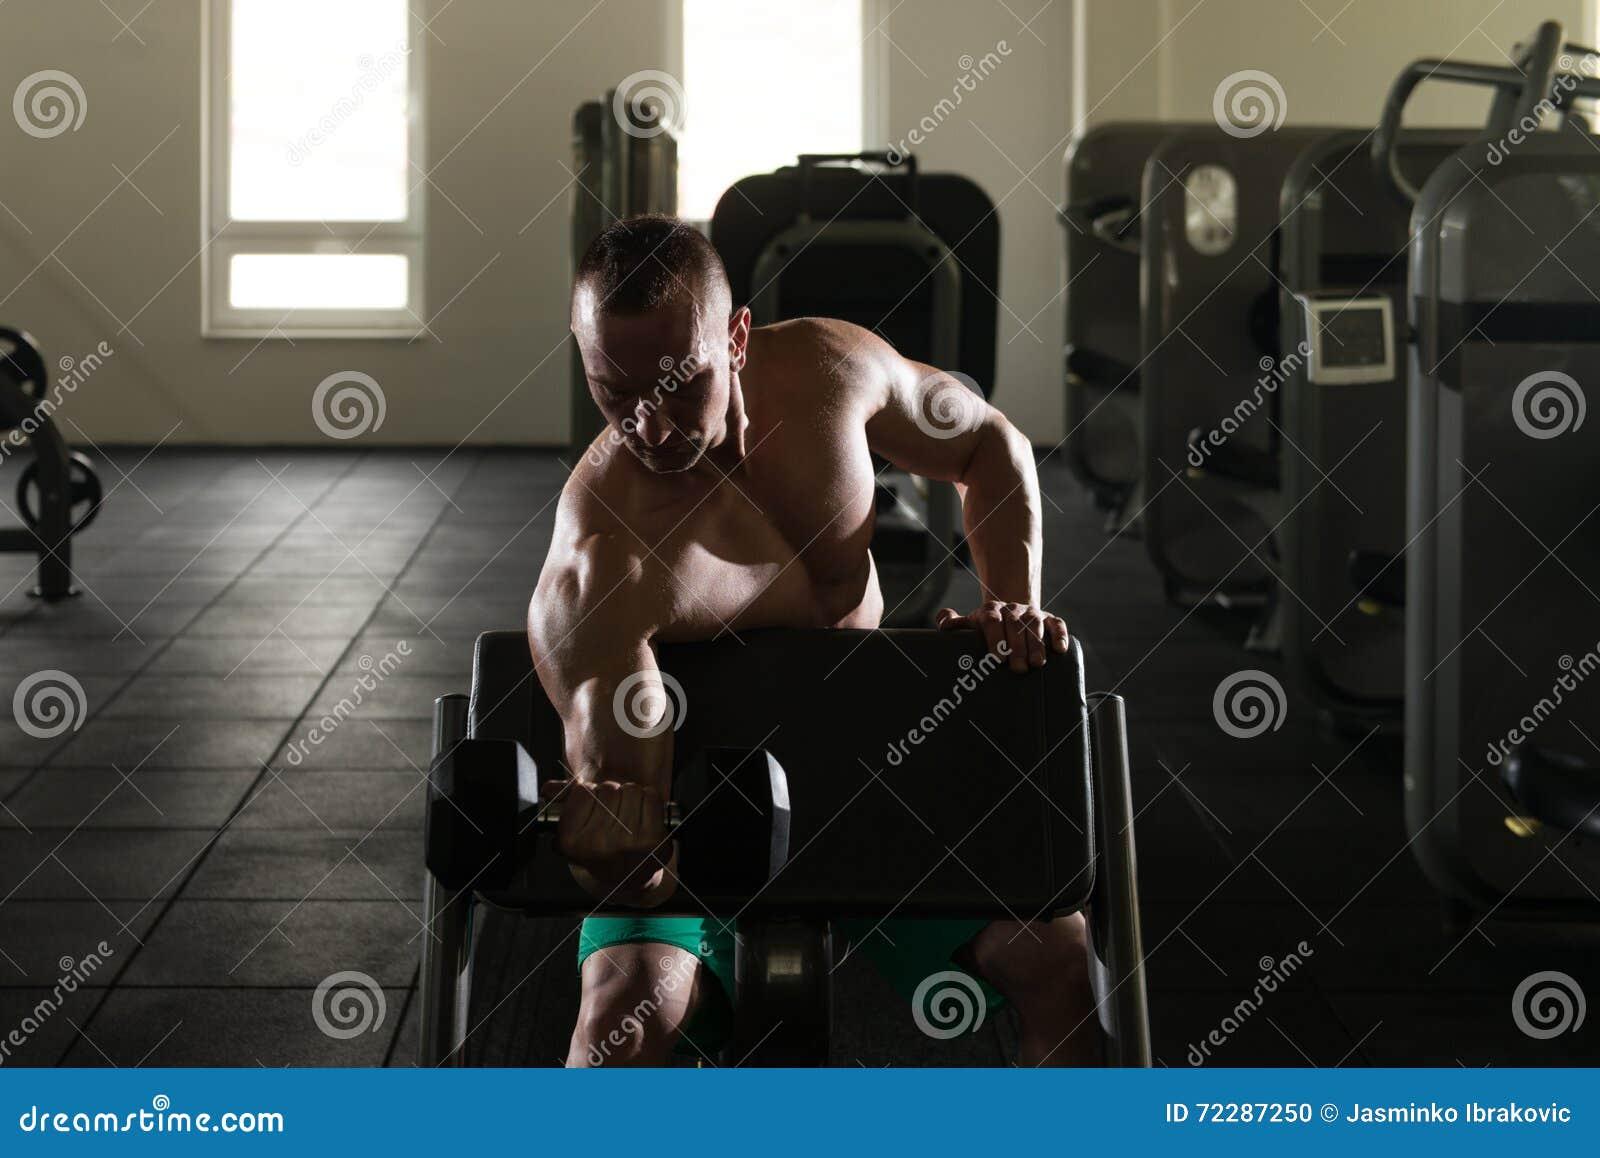 Download Культурист силуэта работая бицепс с гантелями в спортзале Стоковое Фото - изображение насчитывающей строения, пригонка: 72287250